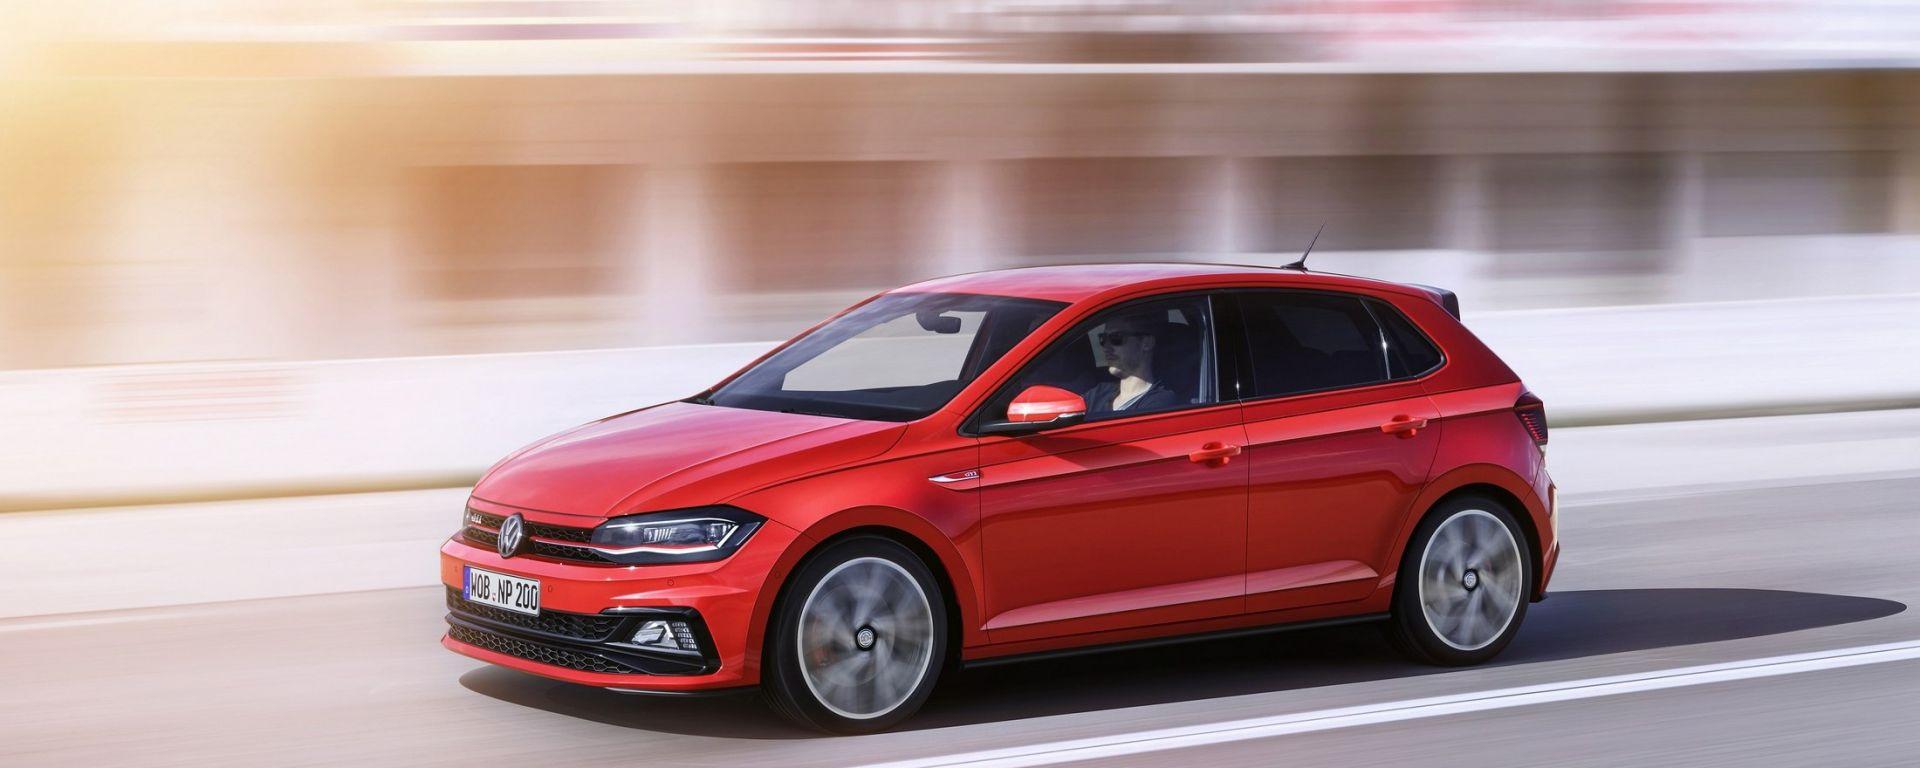 Nuova Volkswagen Polo: il futuro nel dettaglio